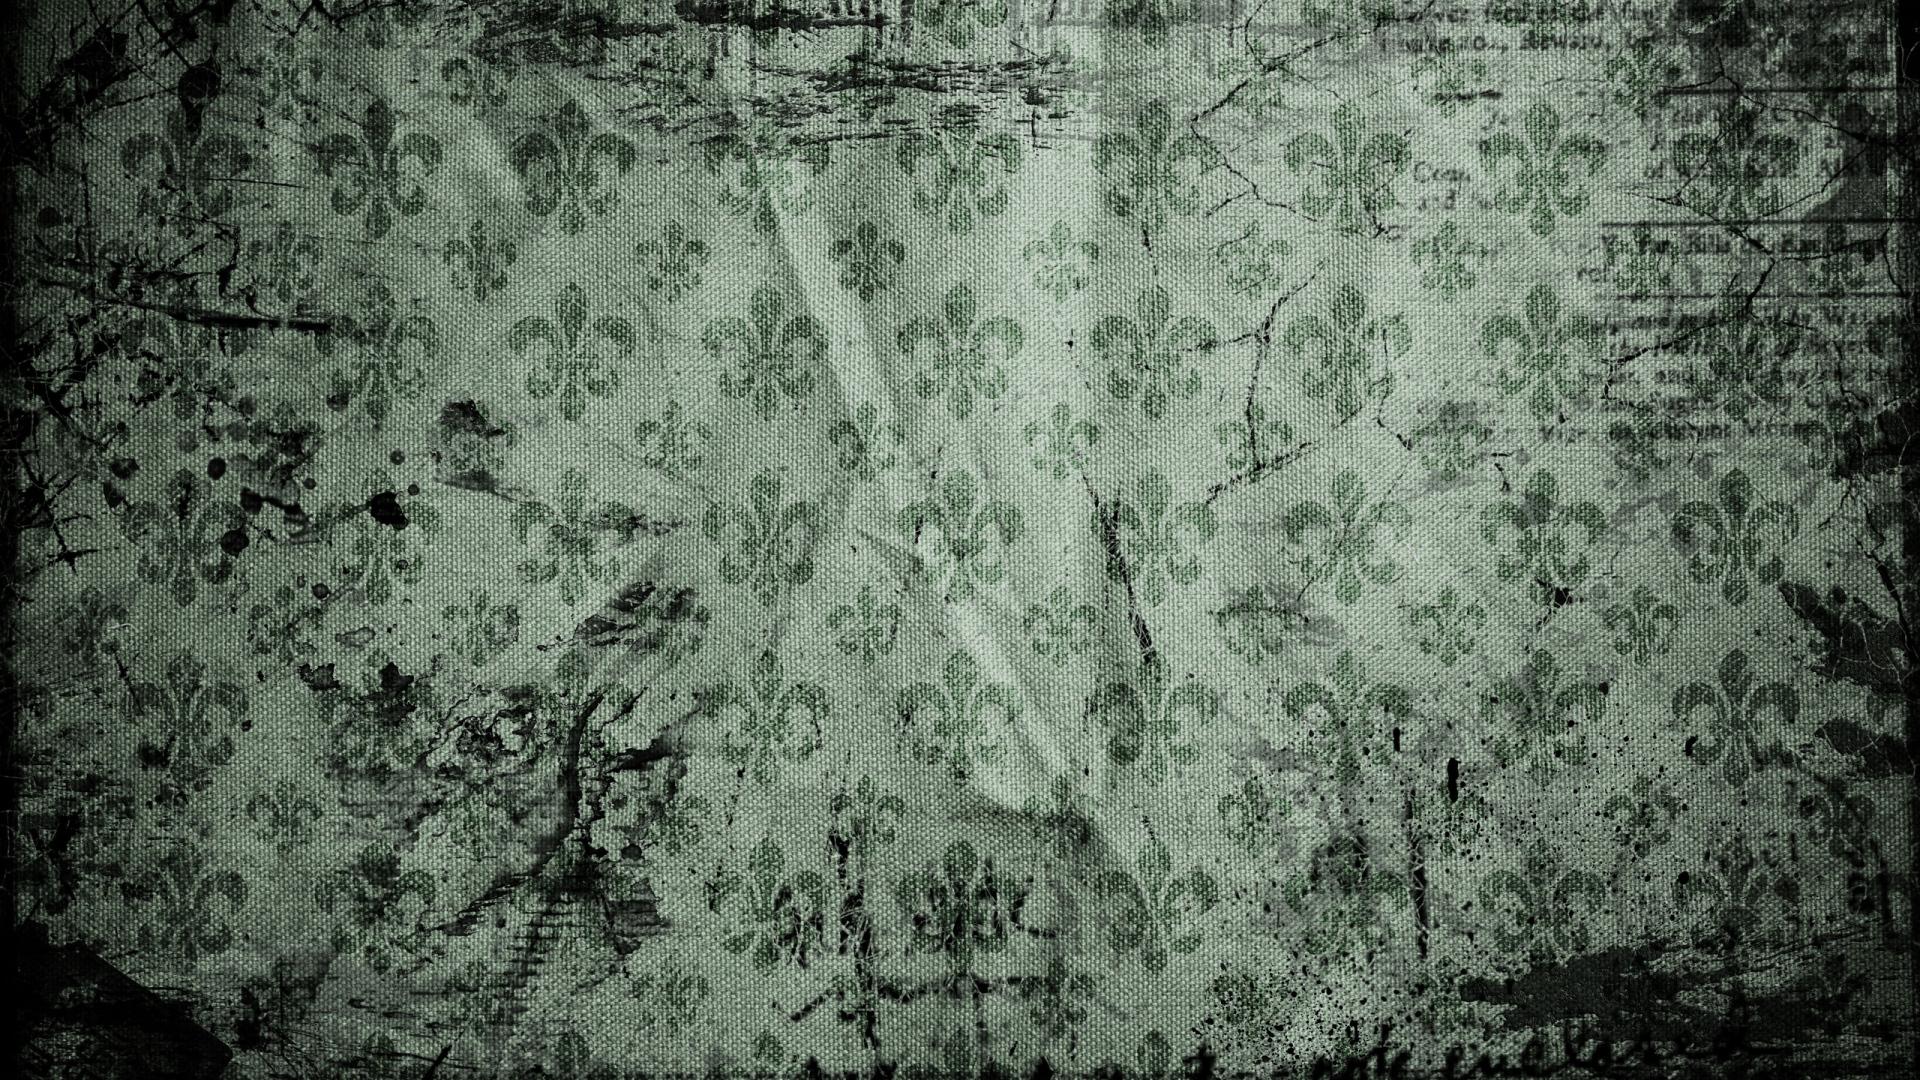 Black 3d Hd Wallpapers 1080p Widescreen Black Grunge Wallpaper Pixelstalk Net